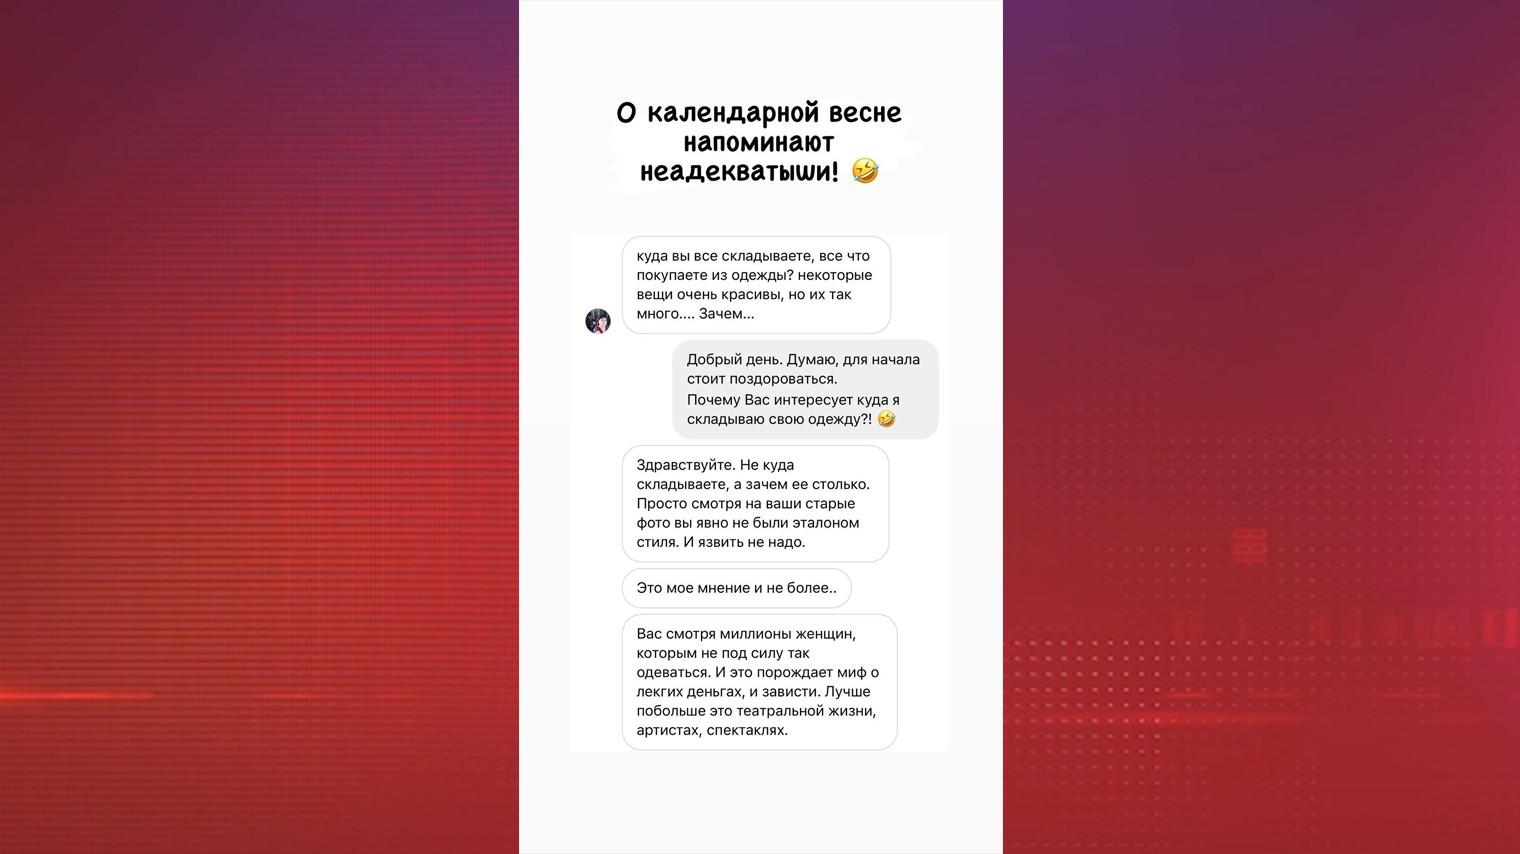 «Неадыкватыши»: Брухунова возмутилась вопросу о количестве вещей в ее гардеробе